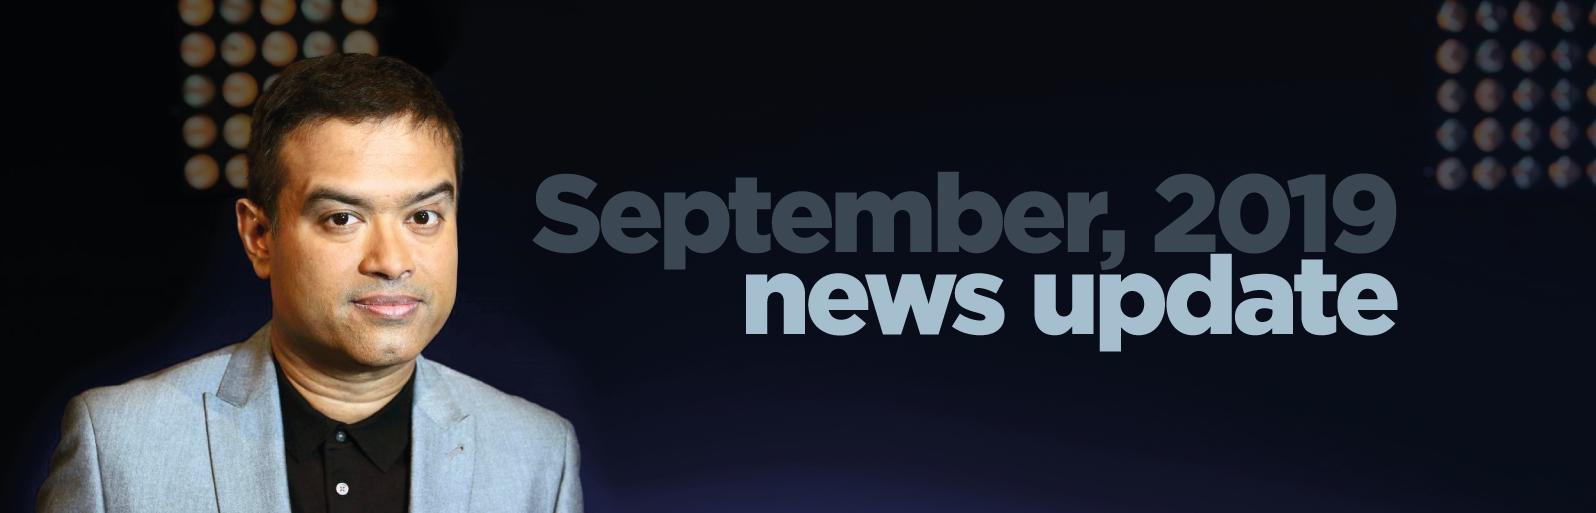 September 2019 news